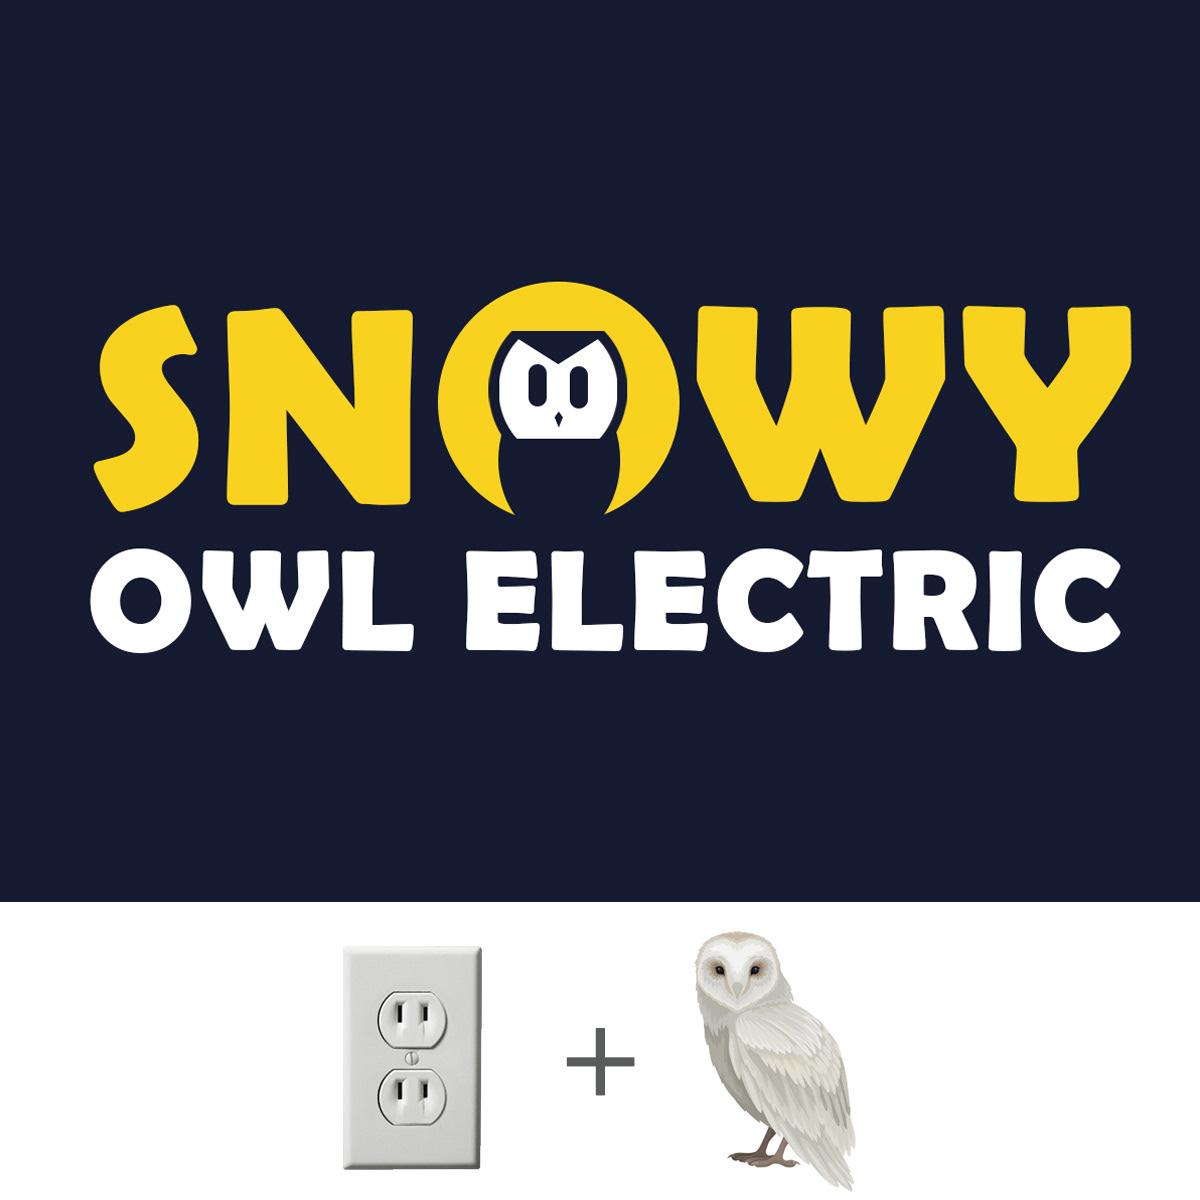 electrical Snowy owl owl electirician Tradesman Owl icon energy